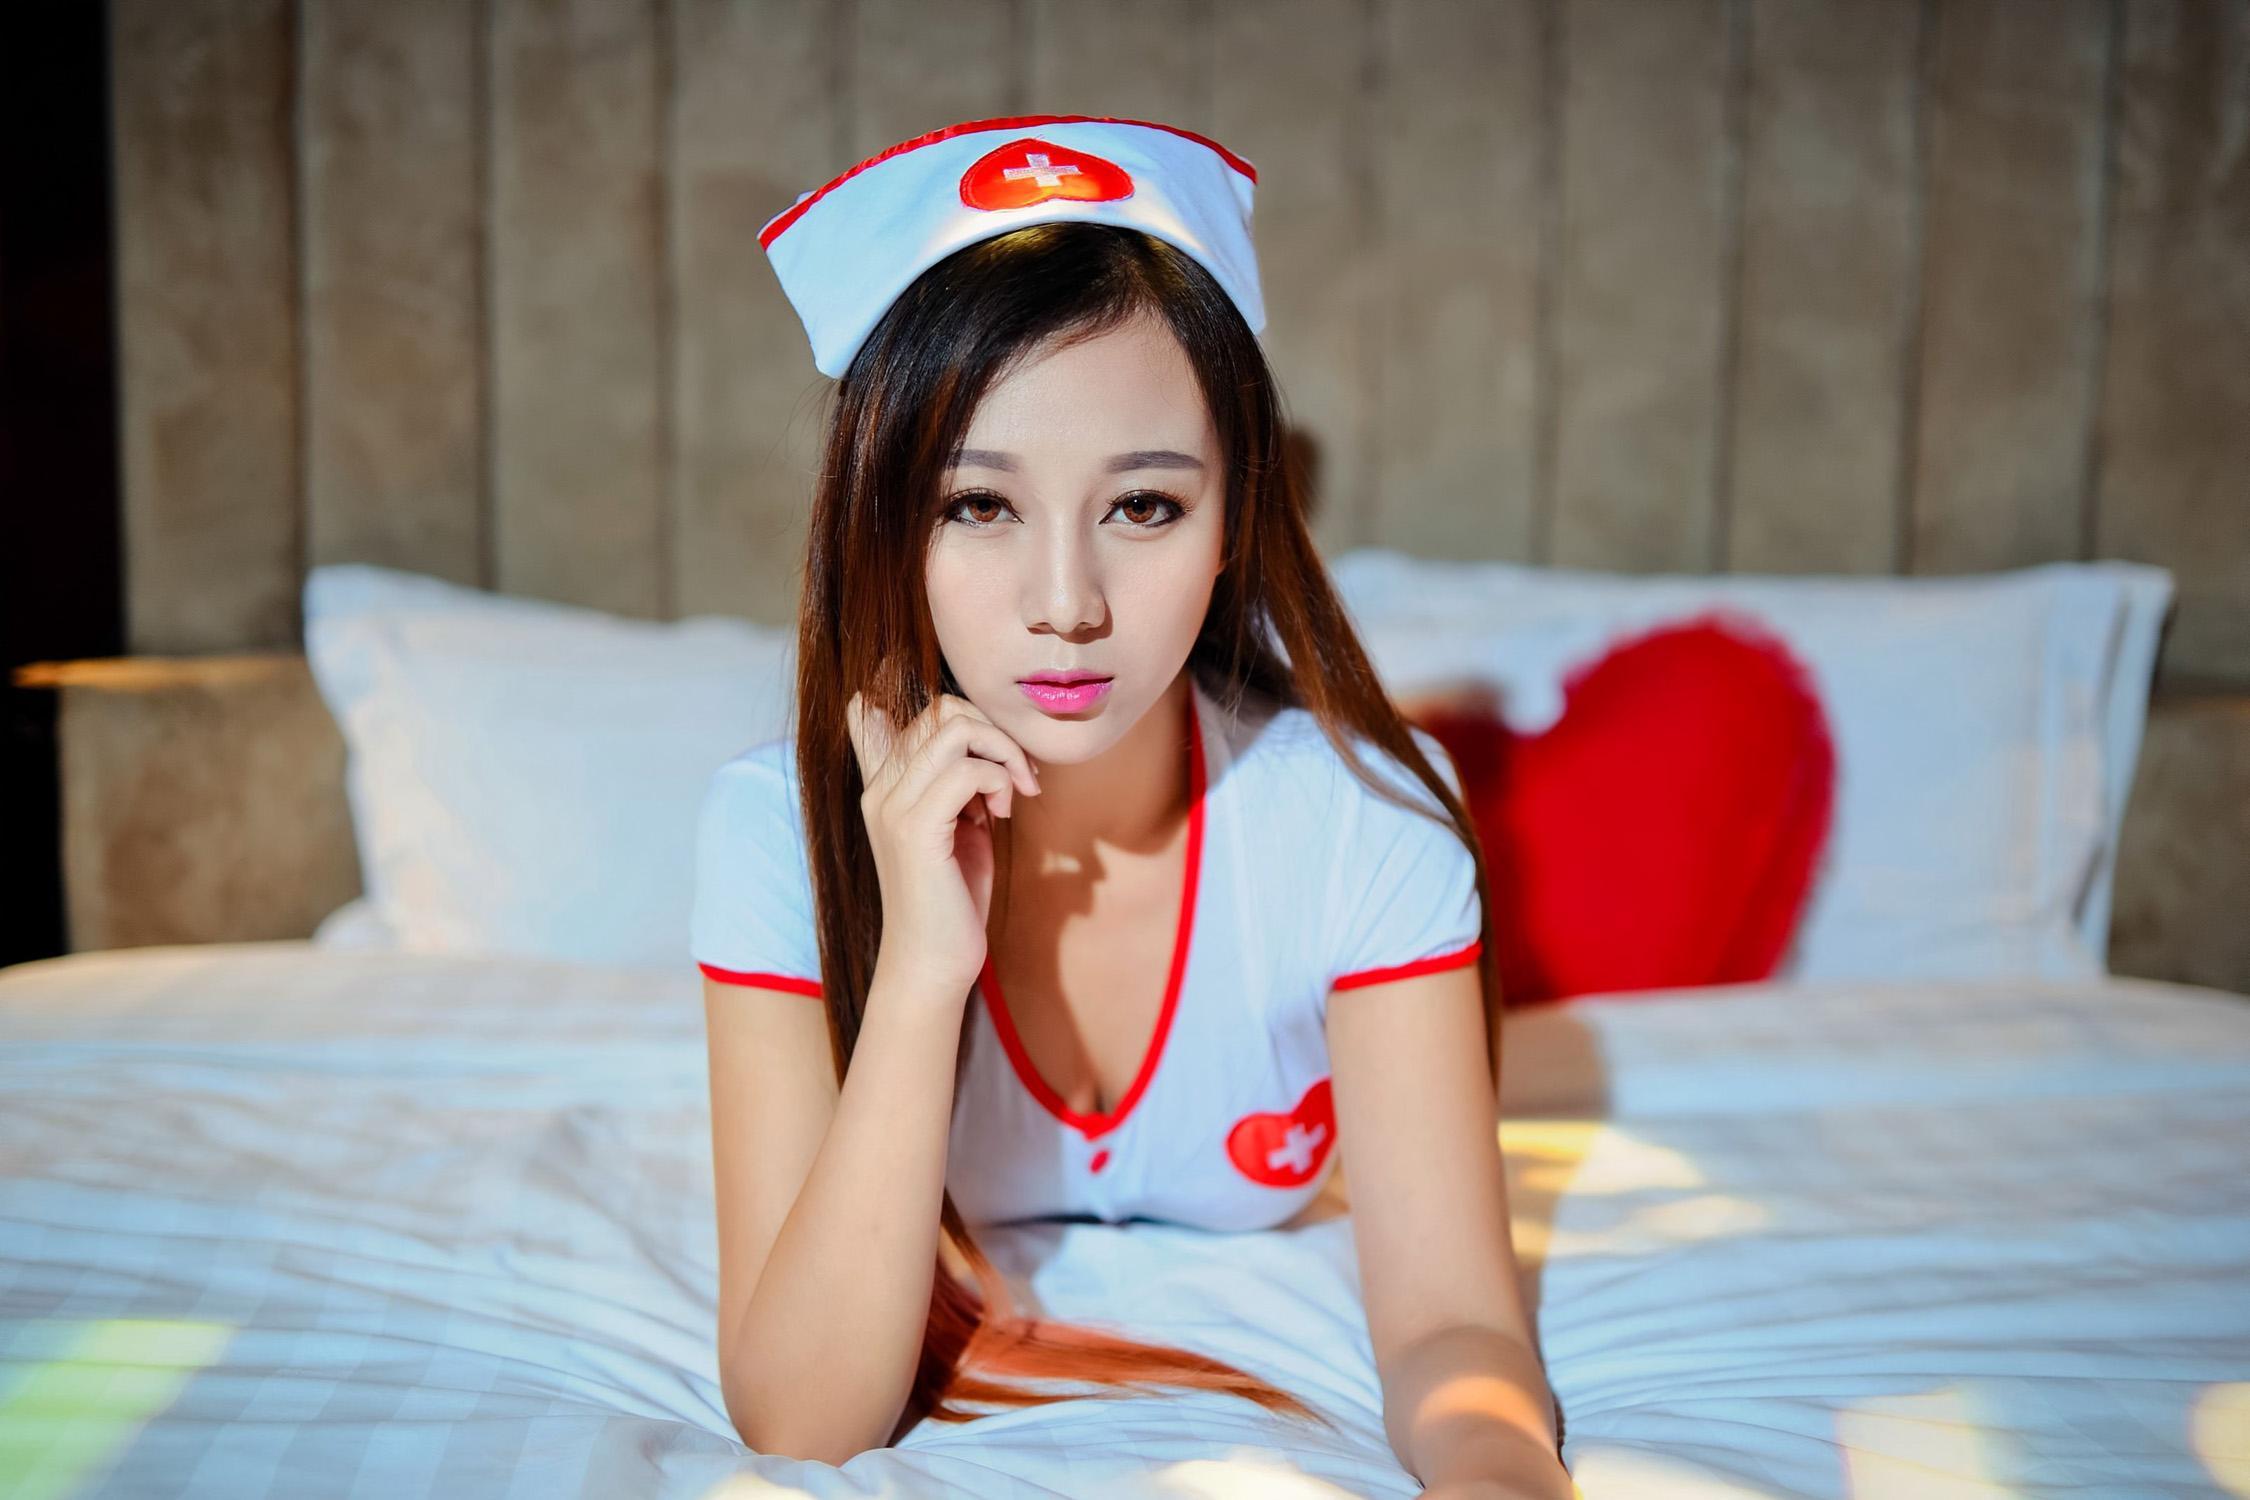 骚护士裸体照_性感激情美女护士香艳床照大胆诱惑图片